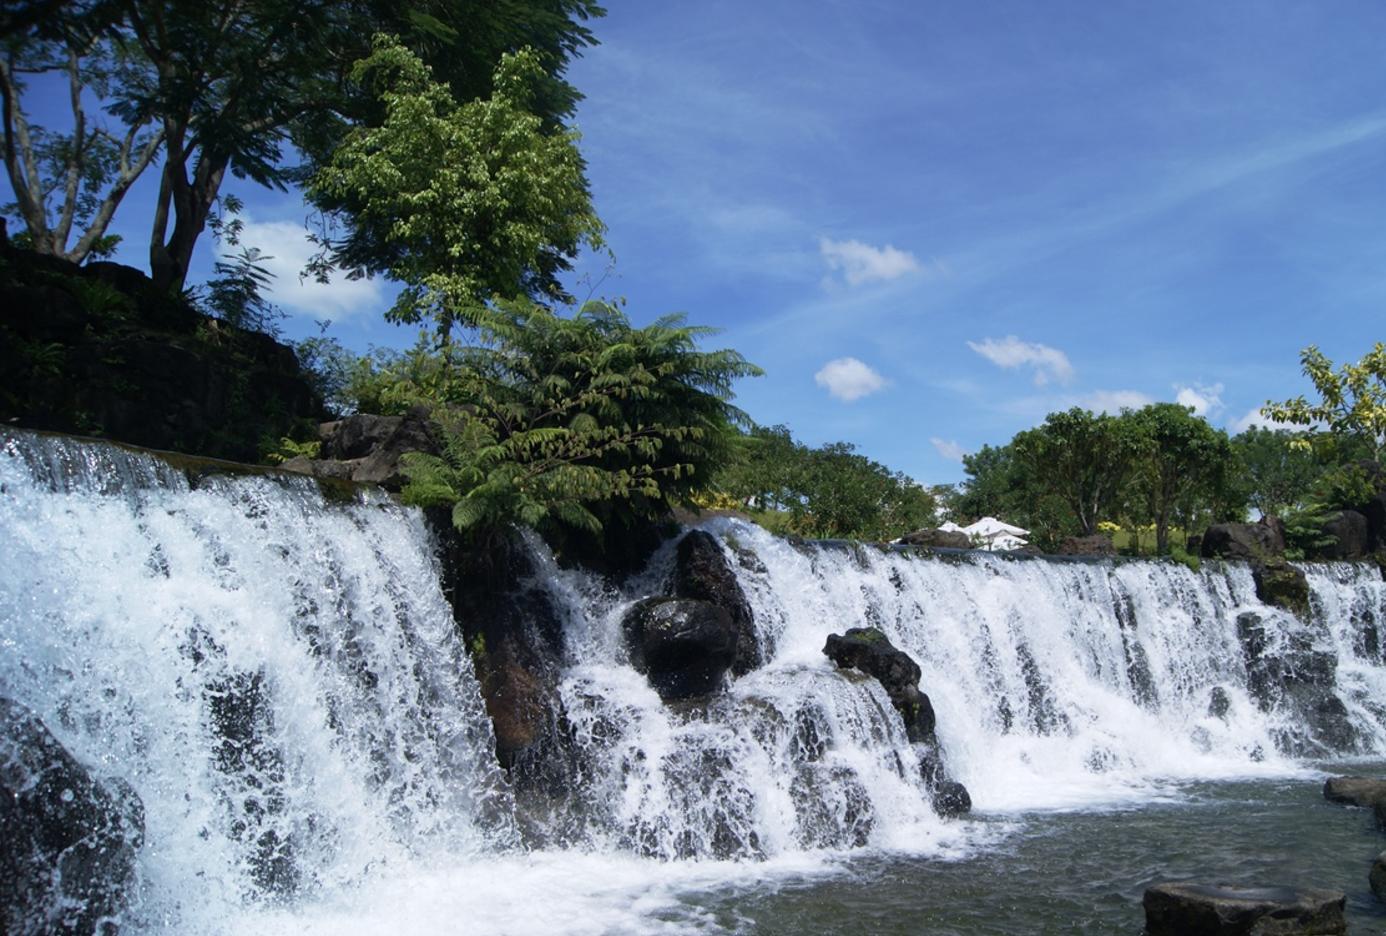 Vẻ đẹp kỳ vĩ của thác nước, rừng cổ tại Khu du lịch Suối Mơ quận 9